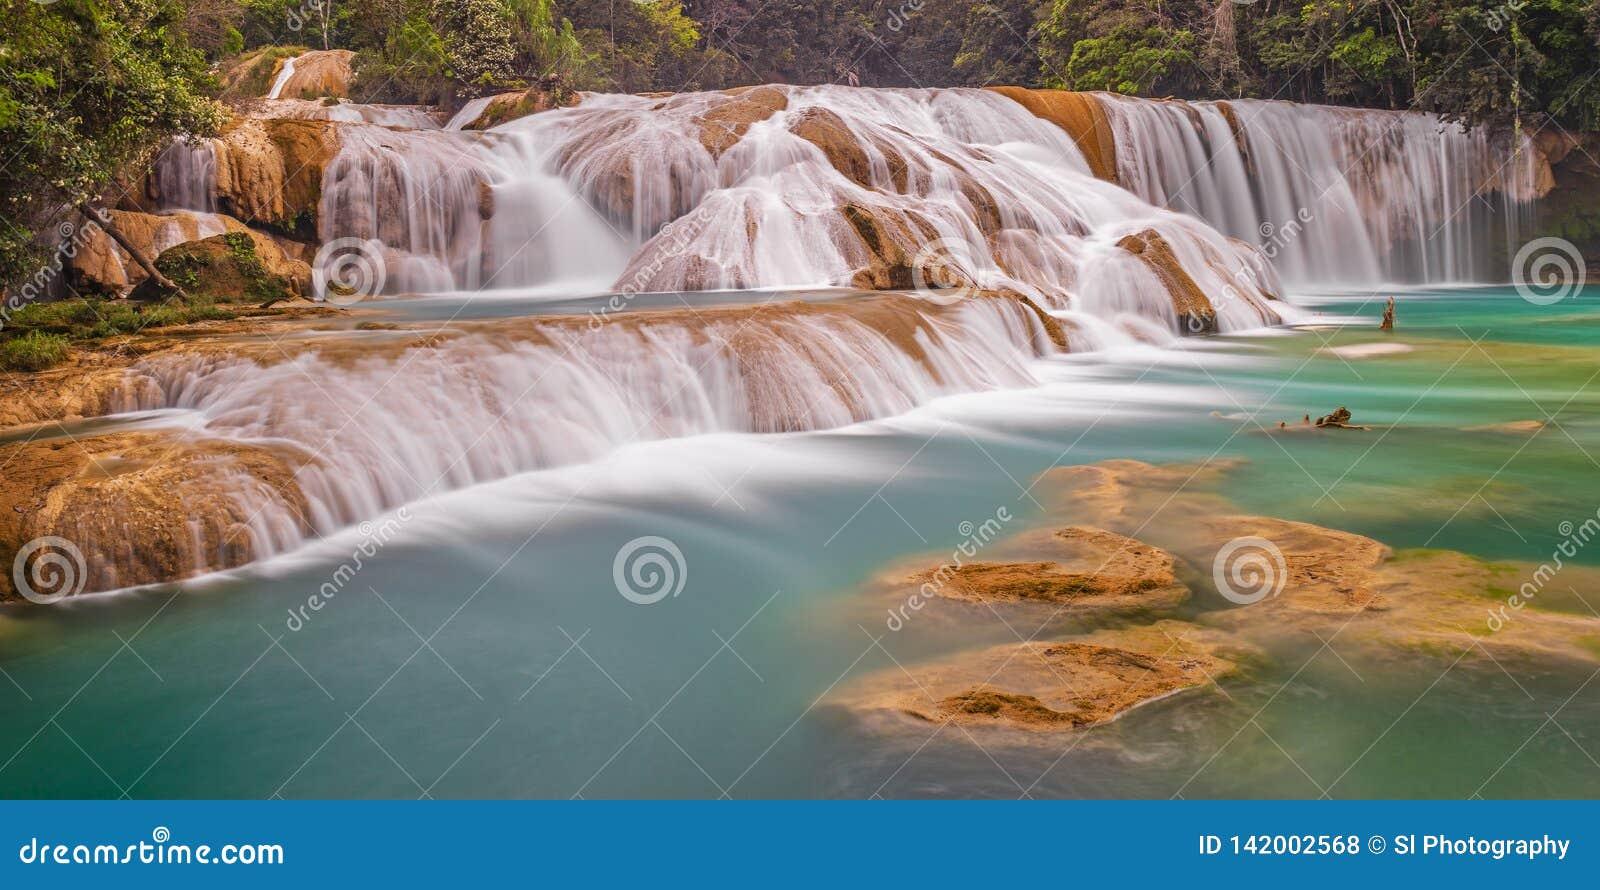 Agua Azul Cascades Long Exposure, México